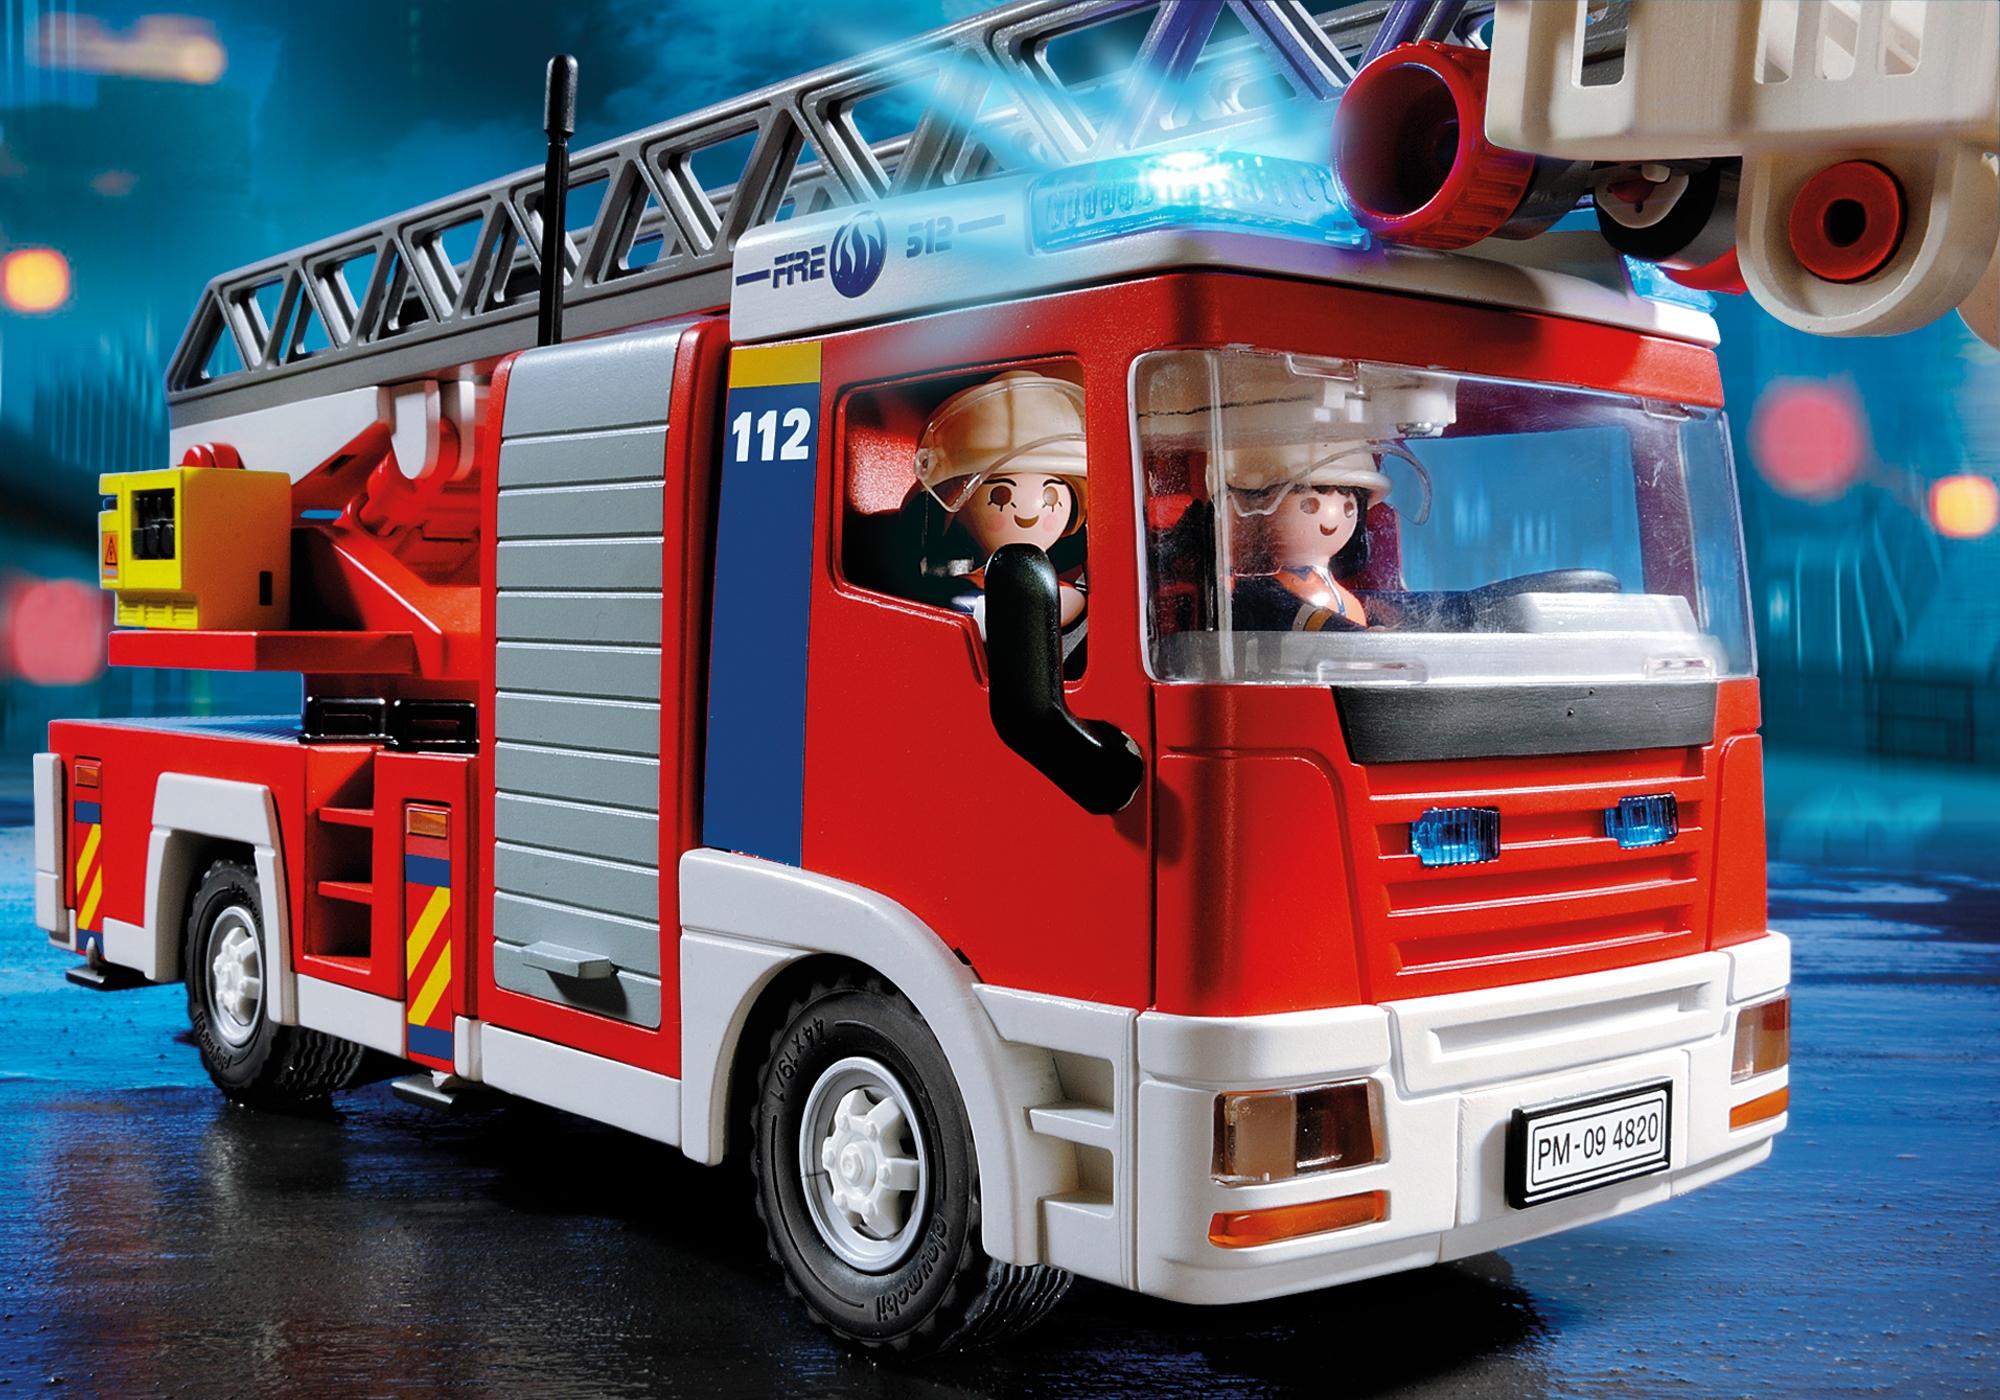 Playmobil 4820 camion de pompiers grande echelle achat - Image camion pompier ...